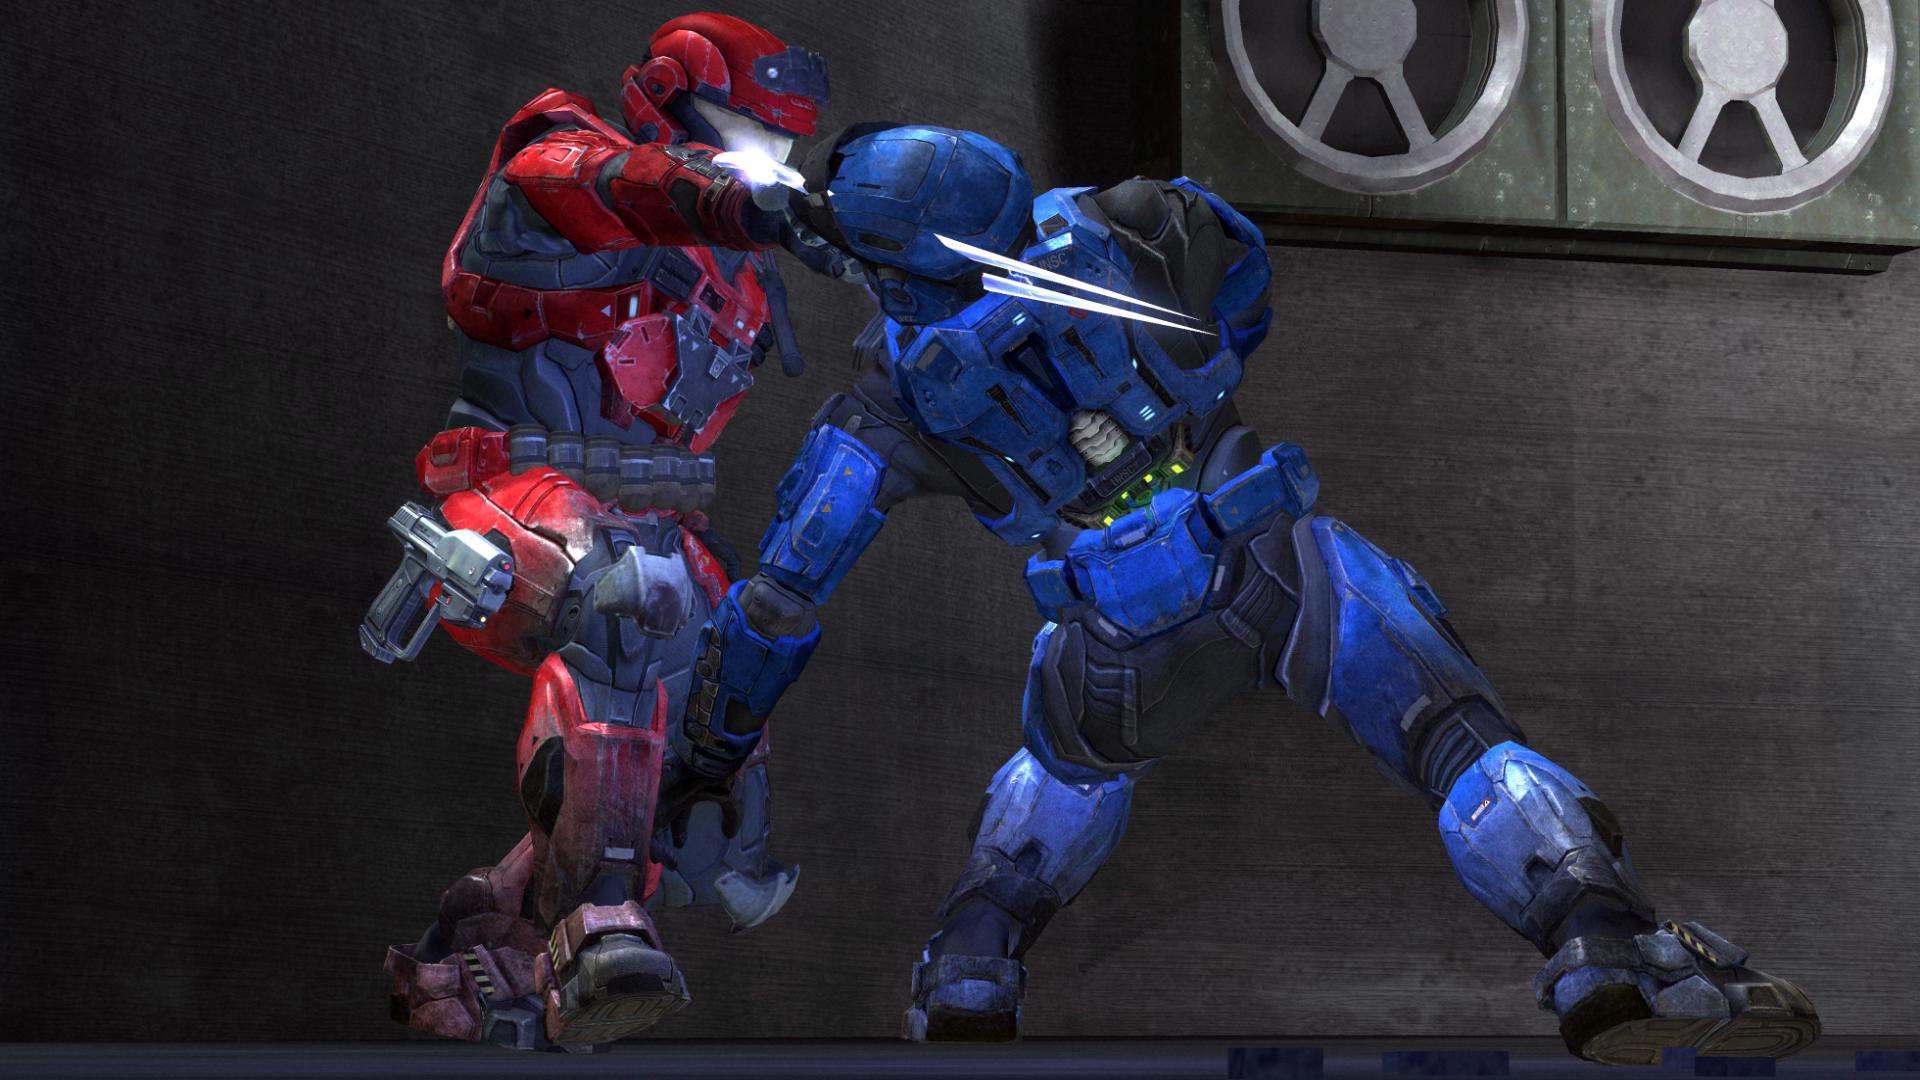 Res: 1920x1080, Halo Spartan wallpaper